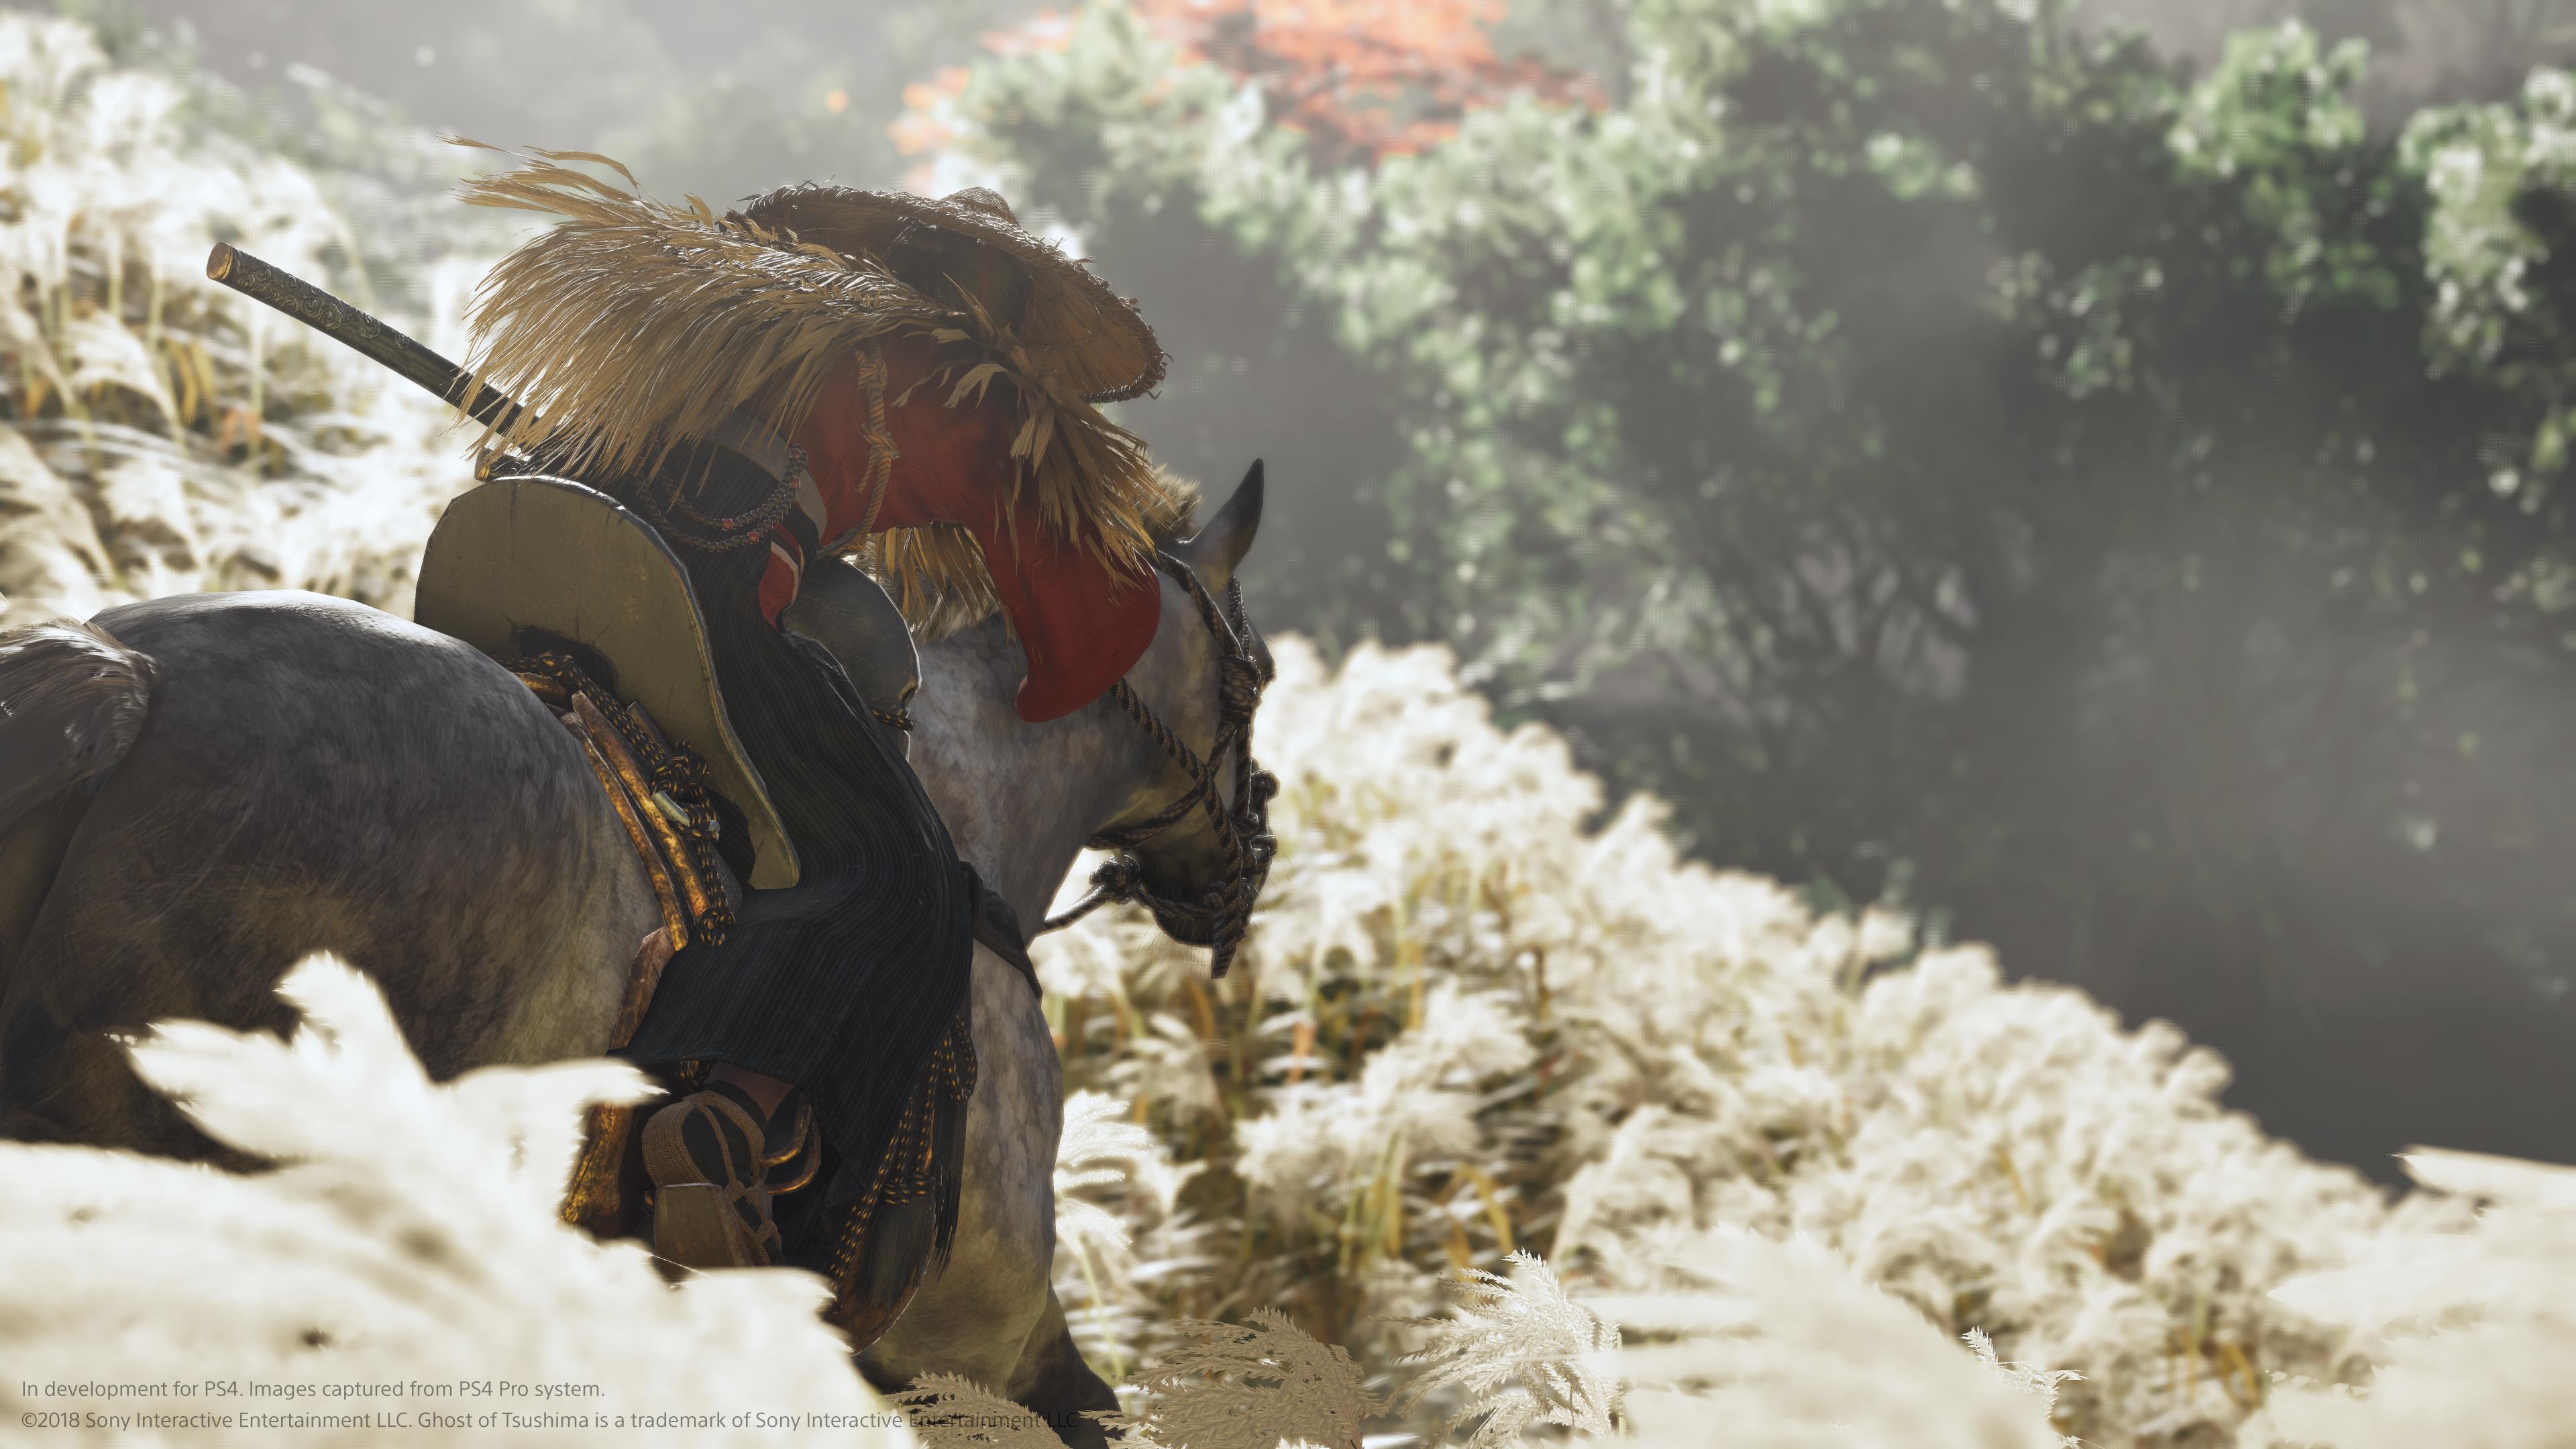 Din häst kan inte dö i Ghost of Tsushima